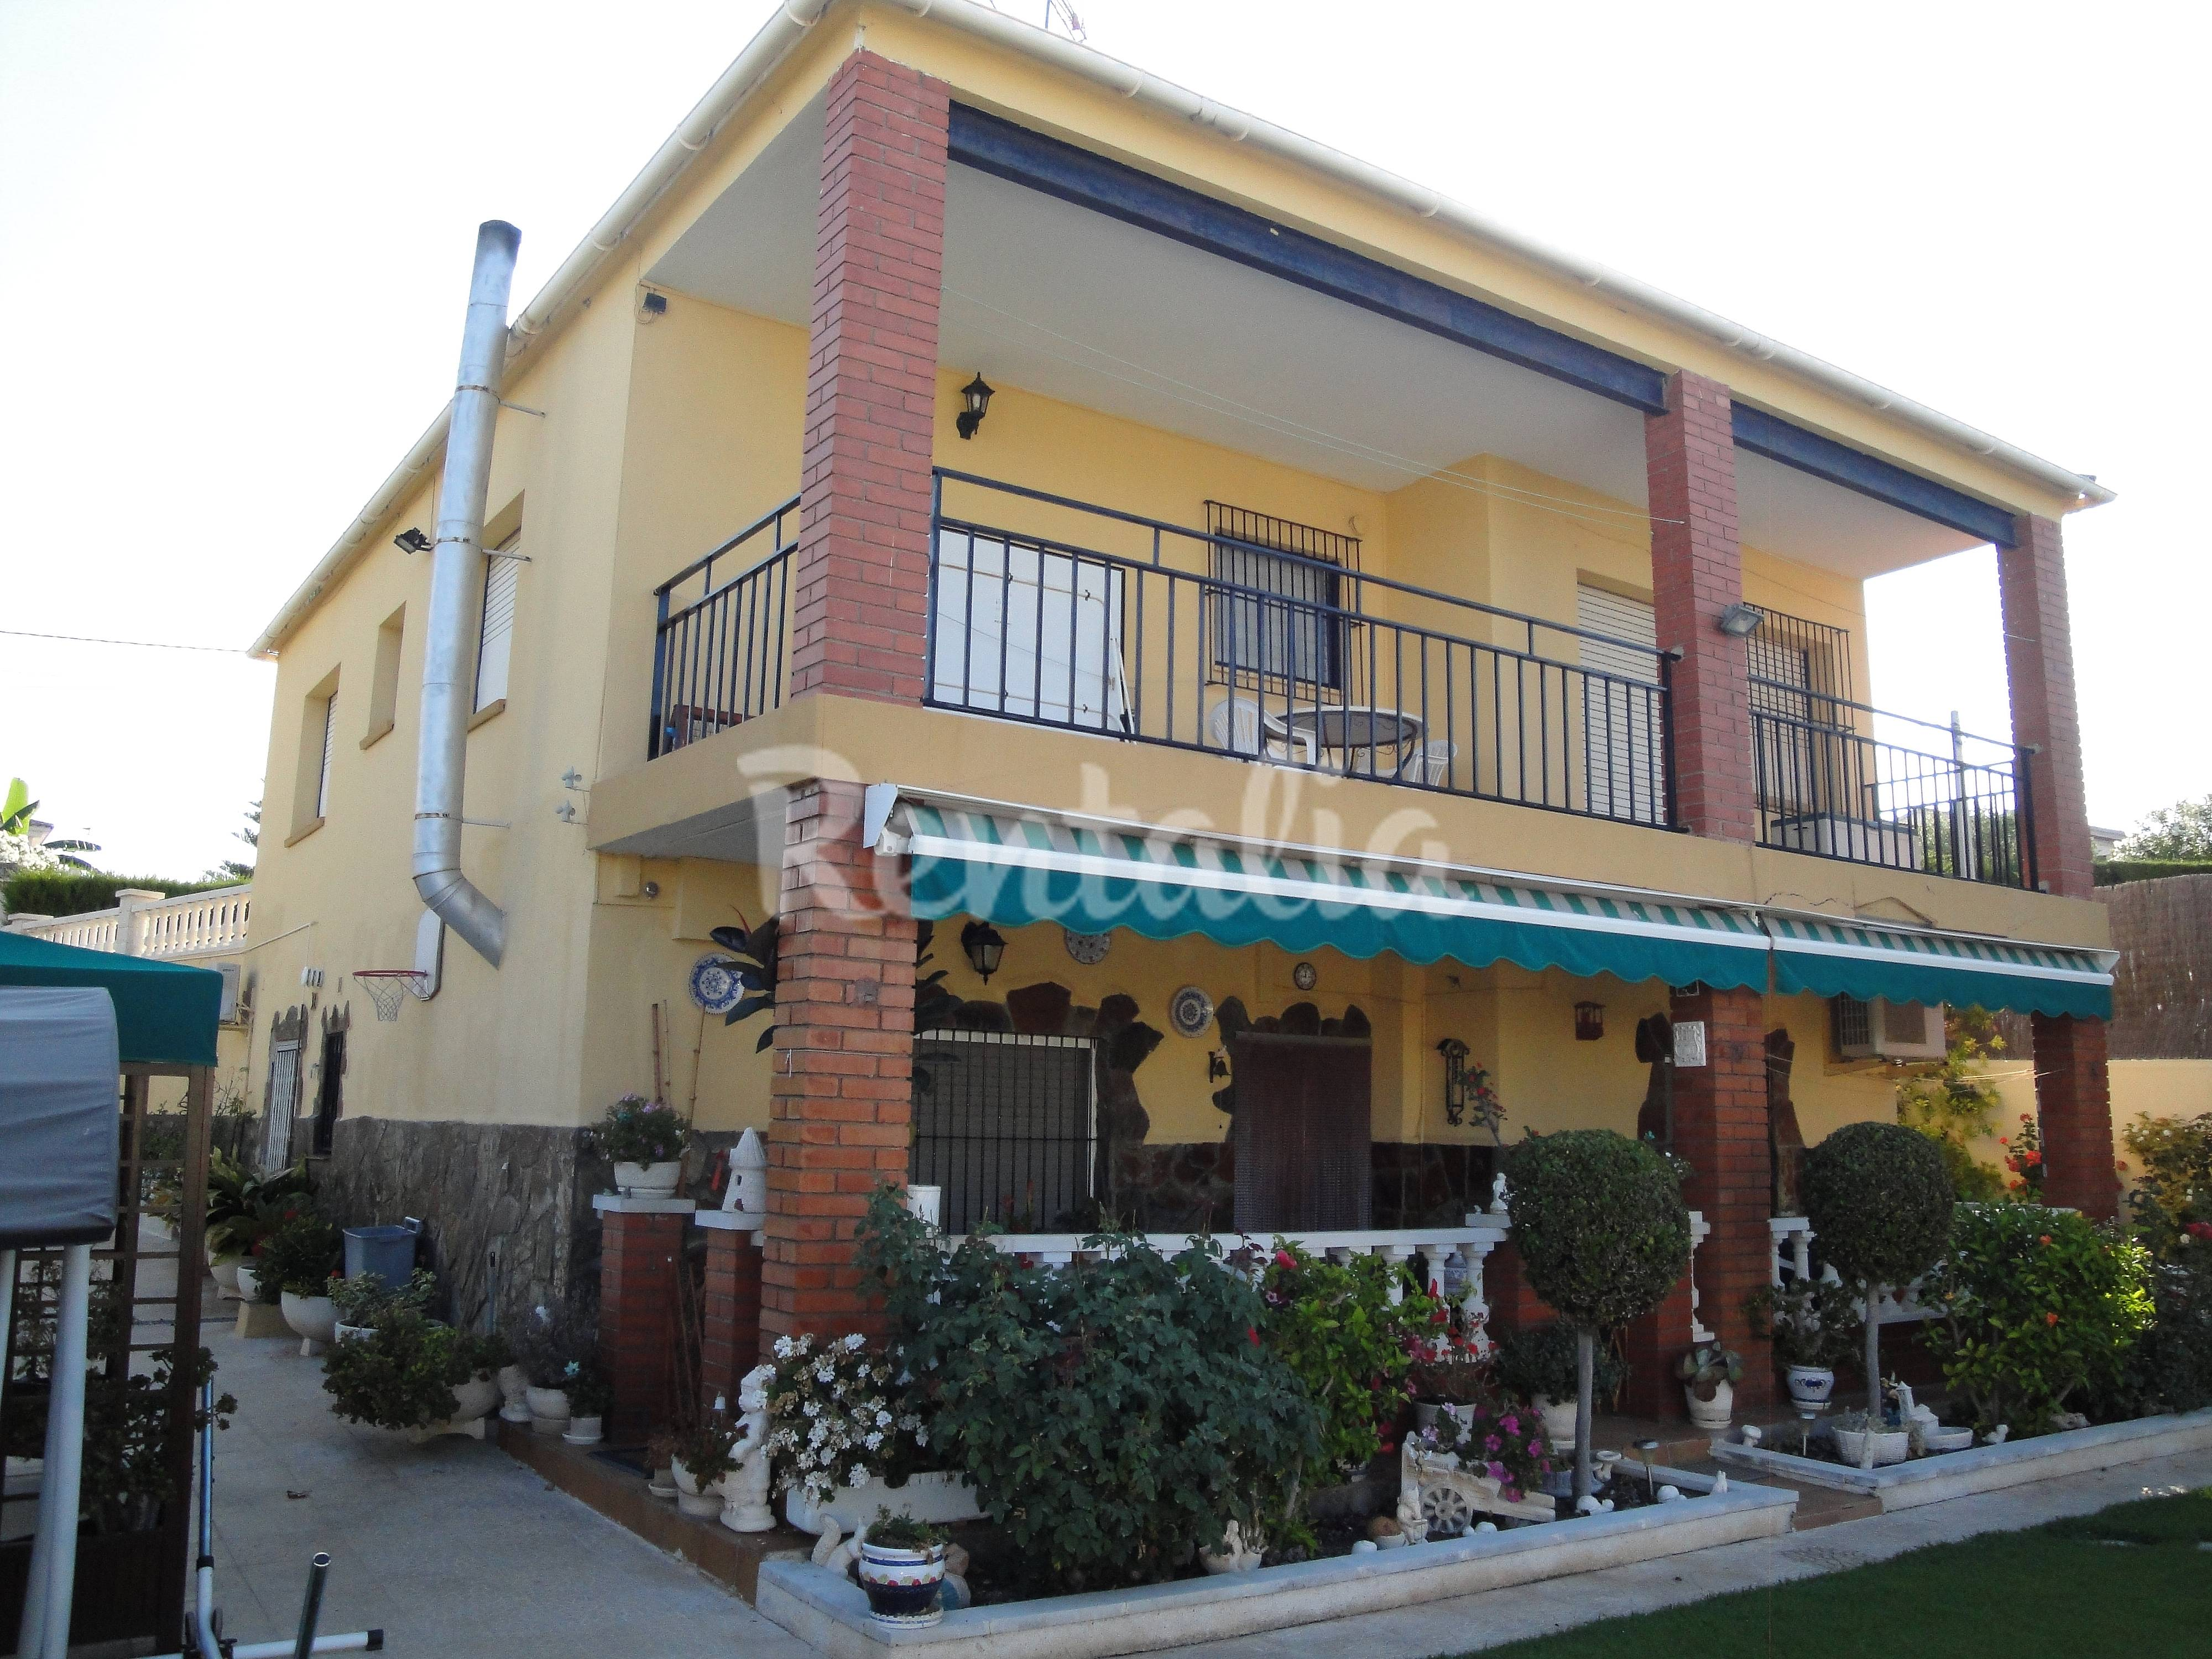 Alquiler vacaciones apartamentos y casas rurales en tarragona catalu a - Alquiler casa rural cataluna ...